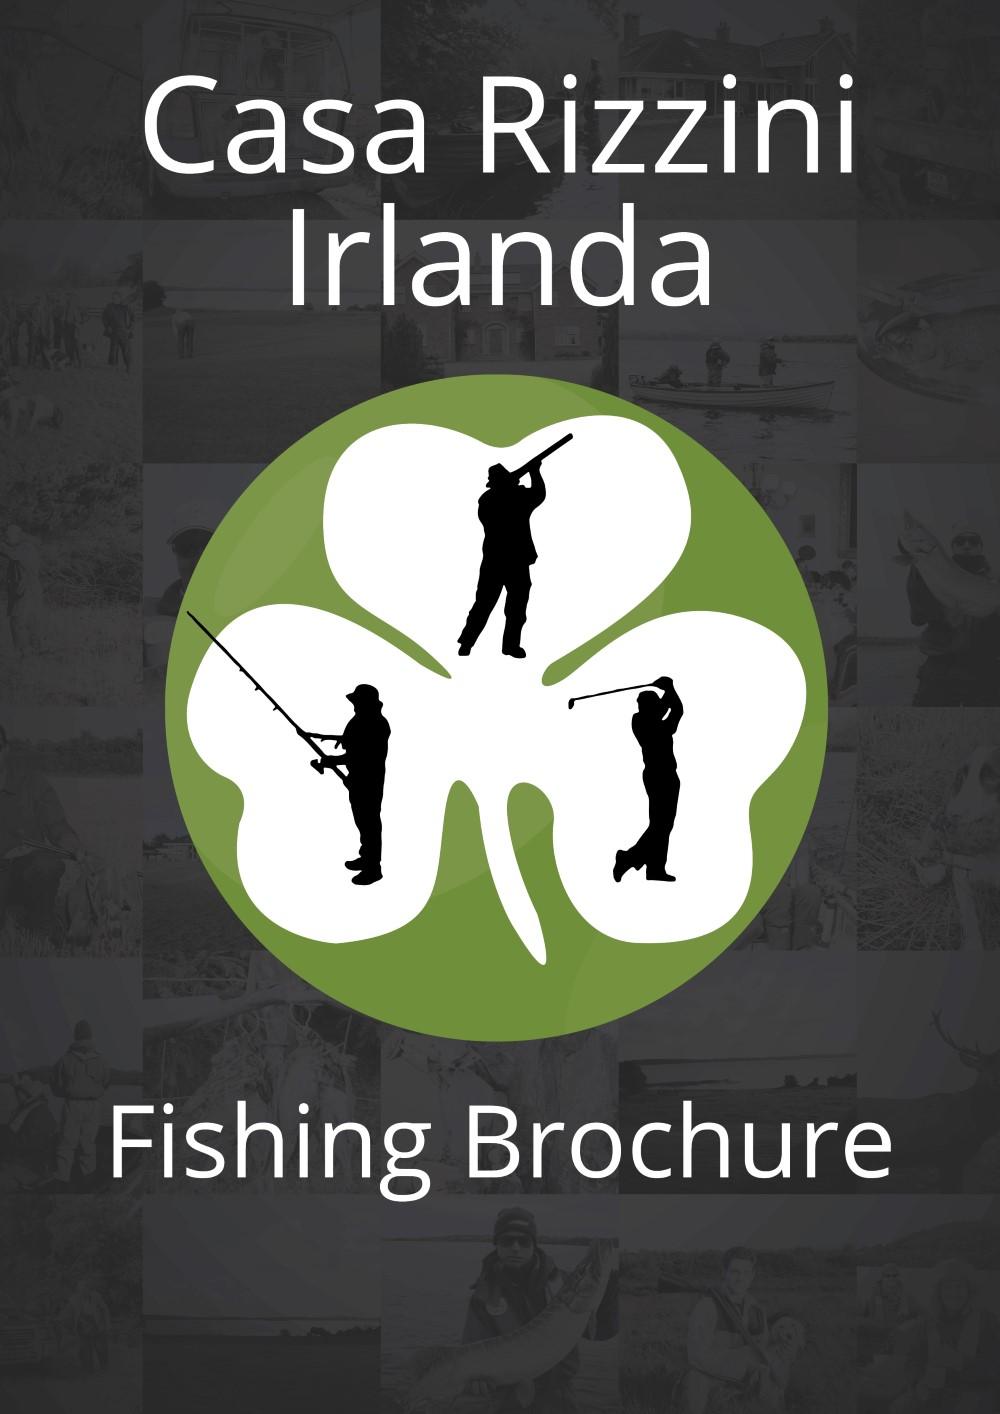 Listino-Prezzi-Pesca-2016 Casa Rizzini | Casa Rizzini Irlanda